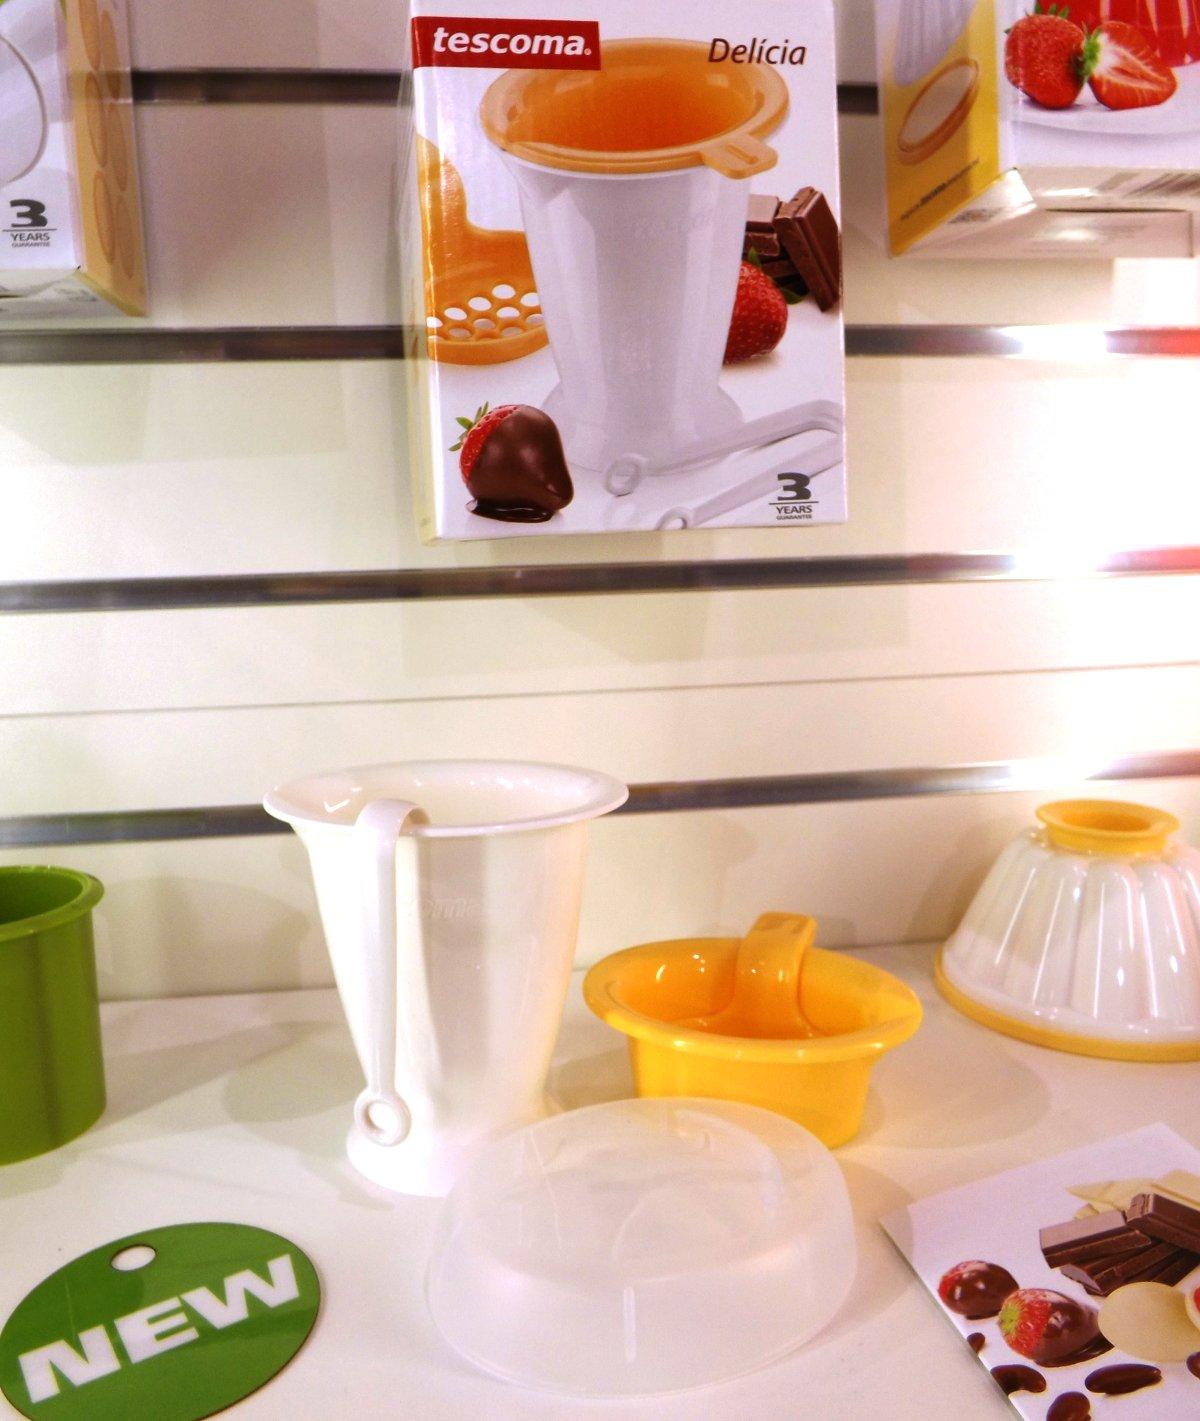 Набор из коллекции Tescoma DELICIA для приготовления ягод в шоколаде на весенней выставке HouseHoldExpo 2015